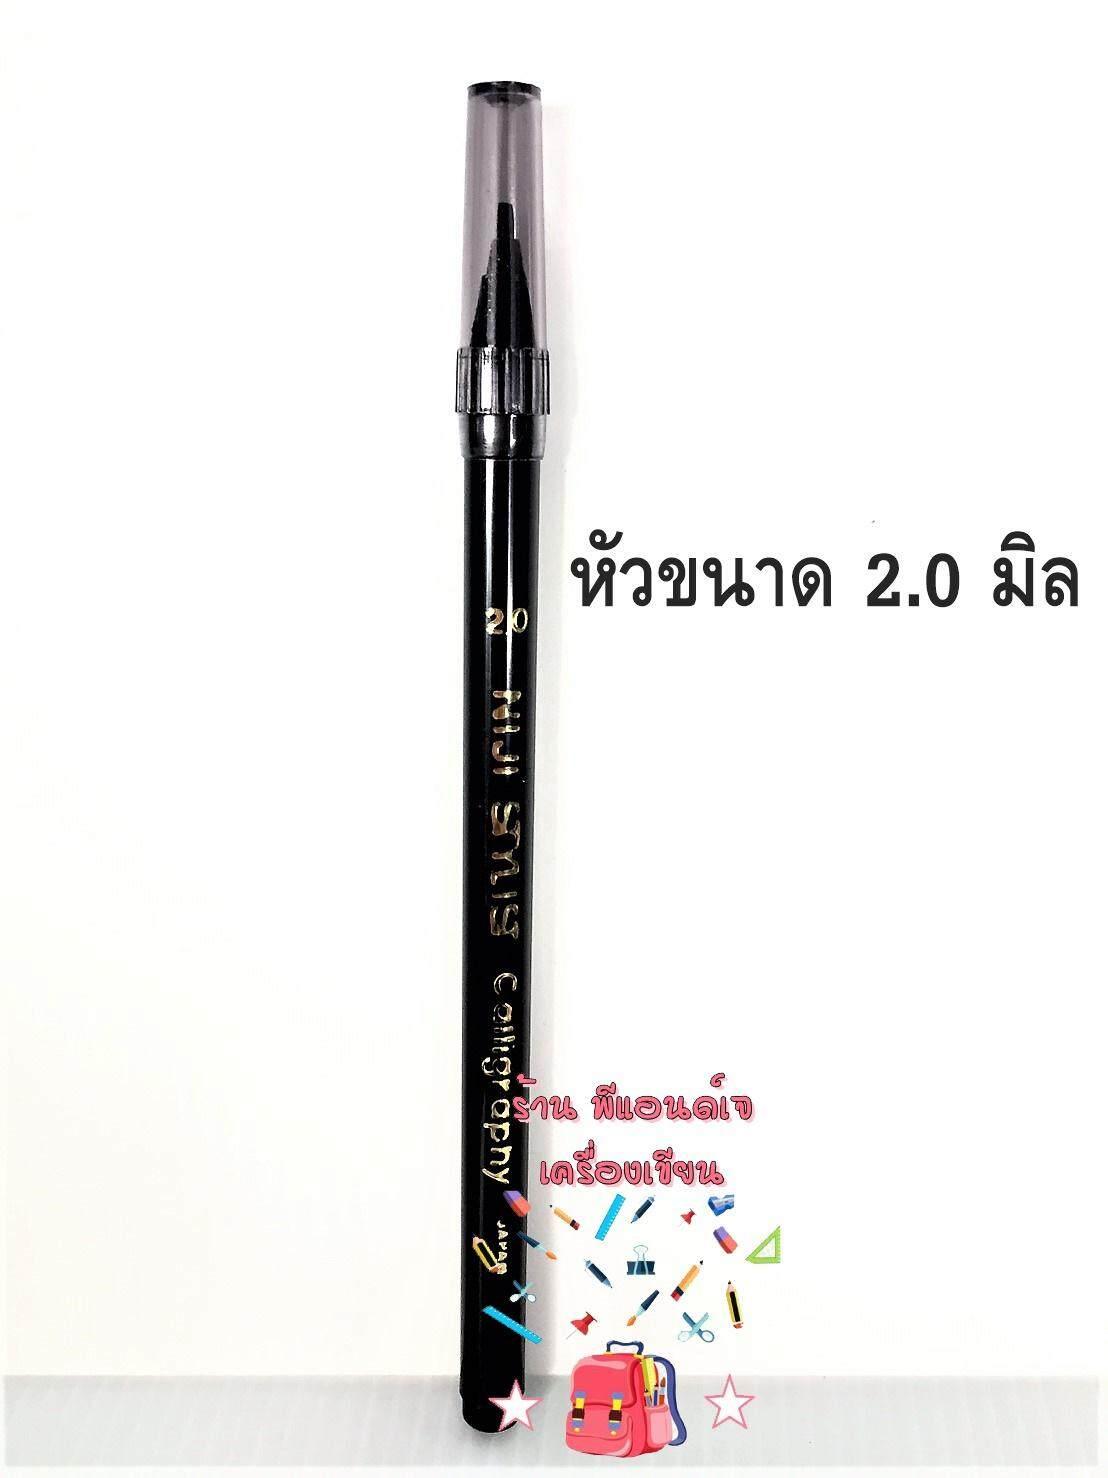 ปากกาสปีดบอล สีดำ ขนาด 2.0 มิล ปากกาหัวตัด Niji Stylist Calligraphy ขายปลีก.